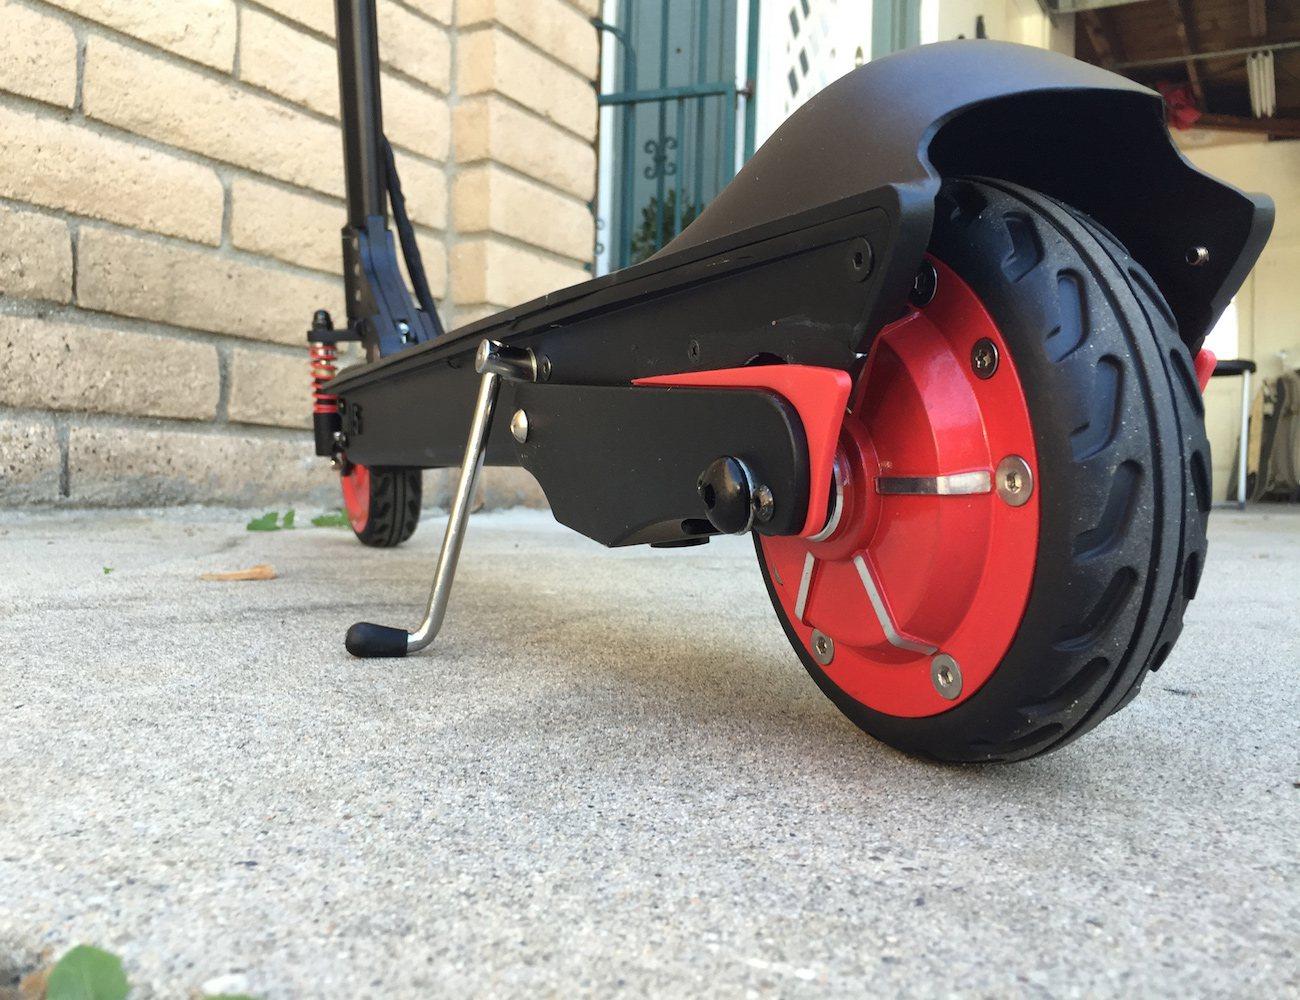 ecoreco-m5-e-scooter-03